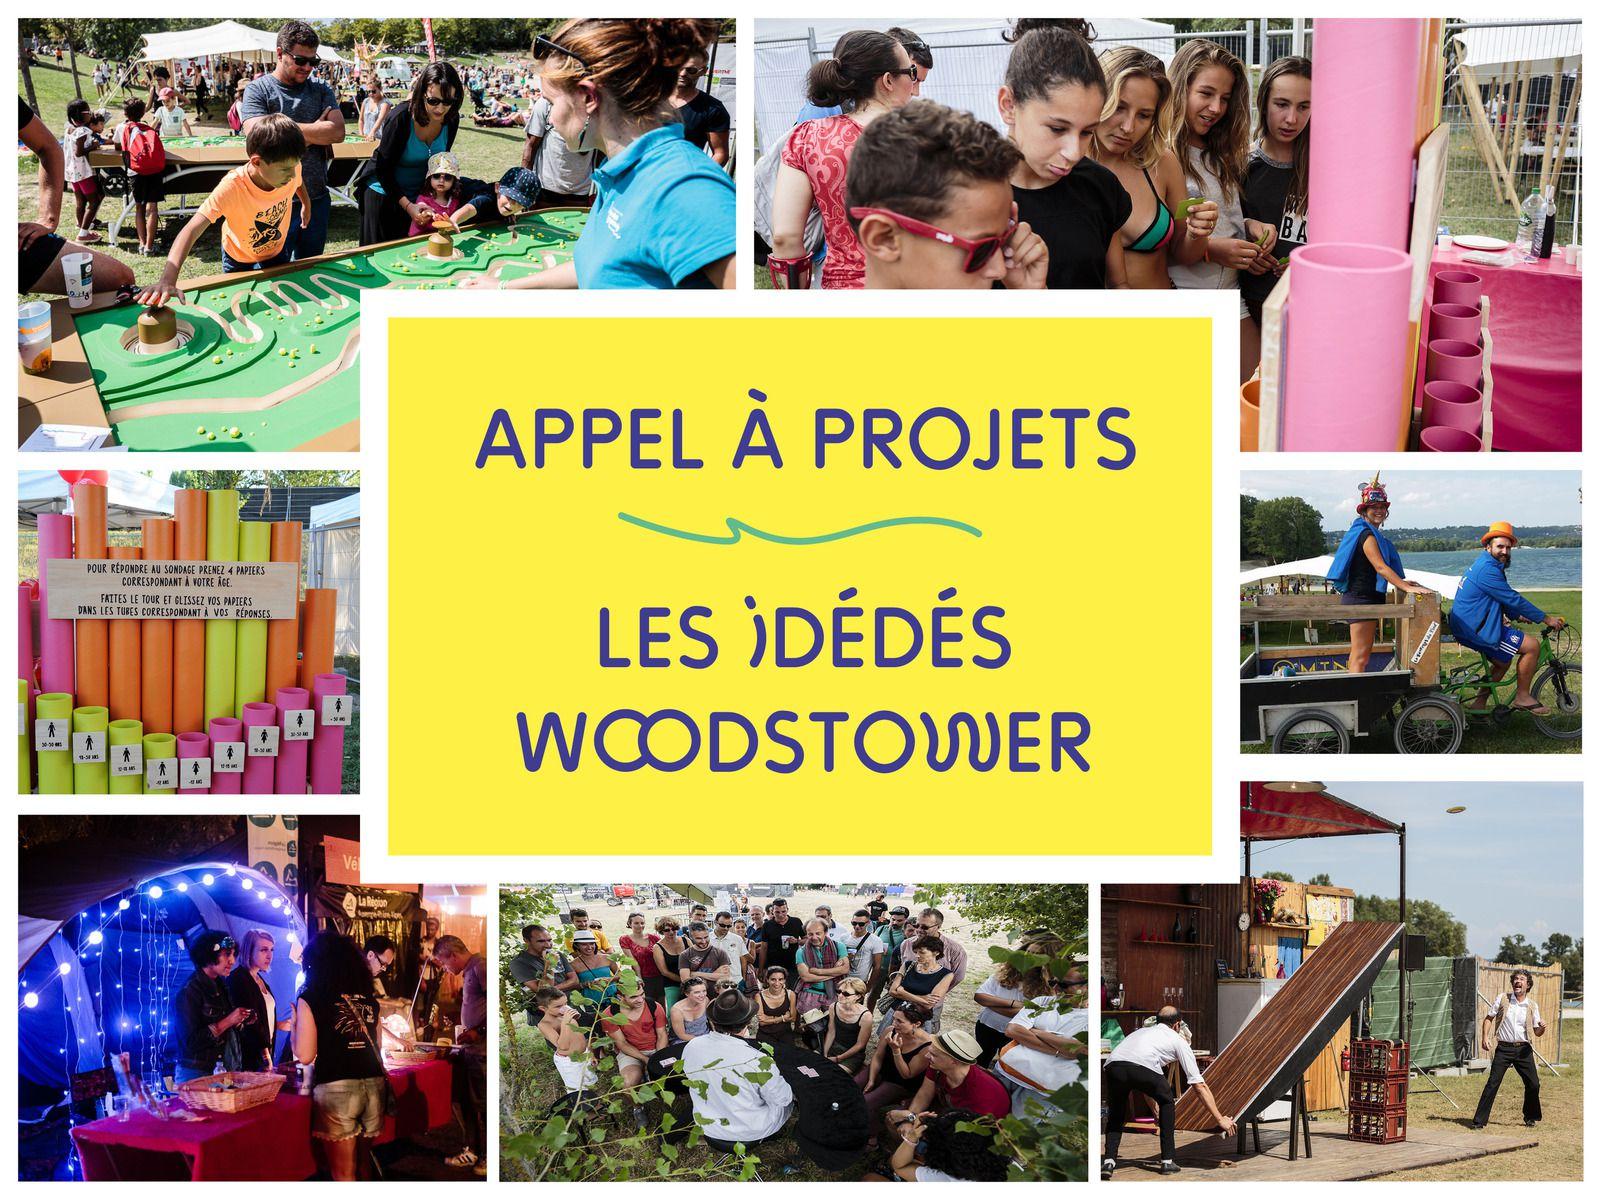 #ECOLOGIE - Appel à projets Green : Les Idédés de Woodstower - le retour !